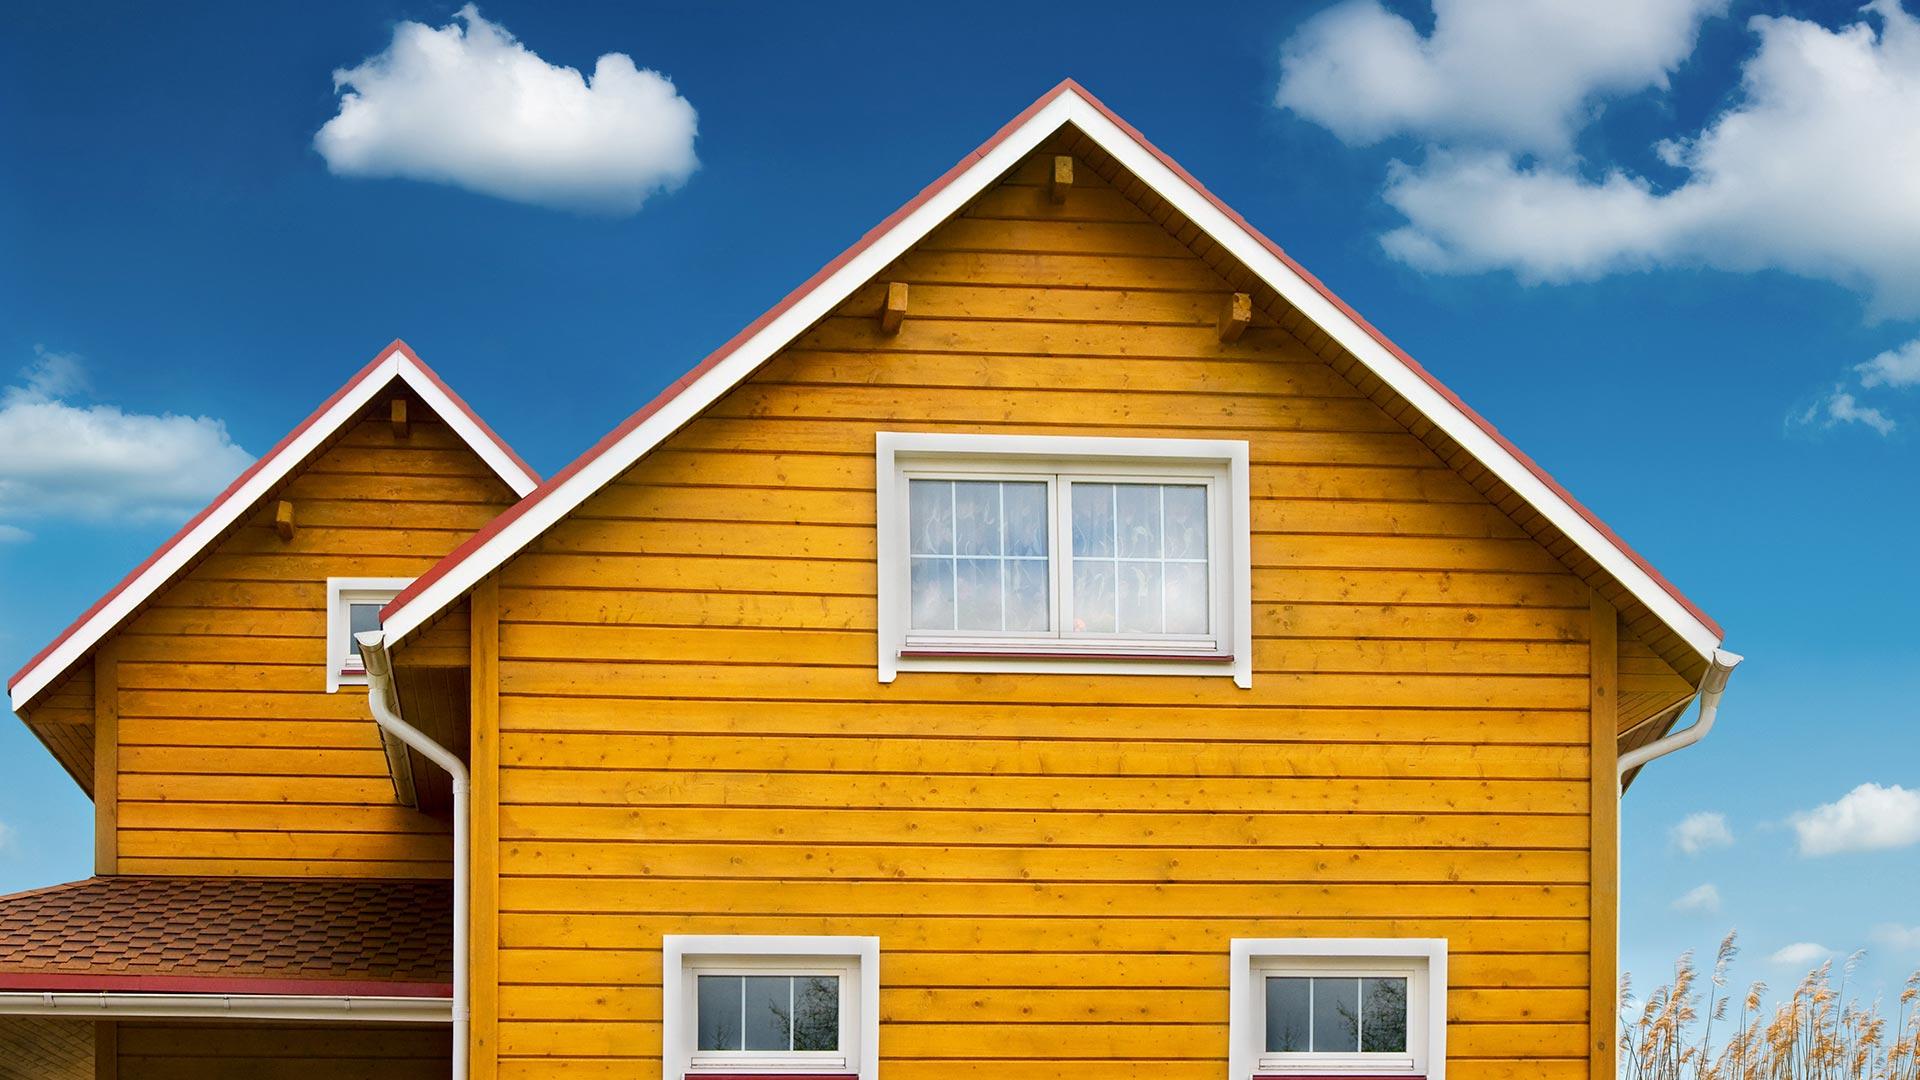 Casa - FOTOS y VÍDEOS 360 para descargar - Descargas360.com